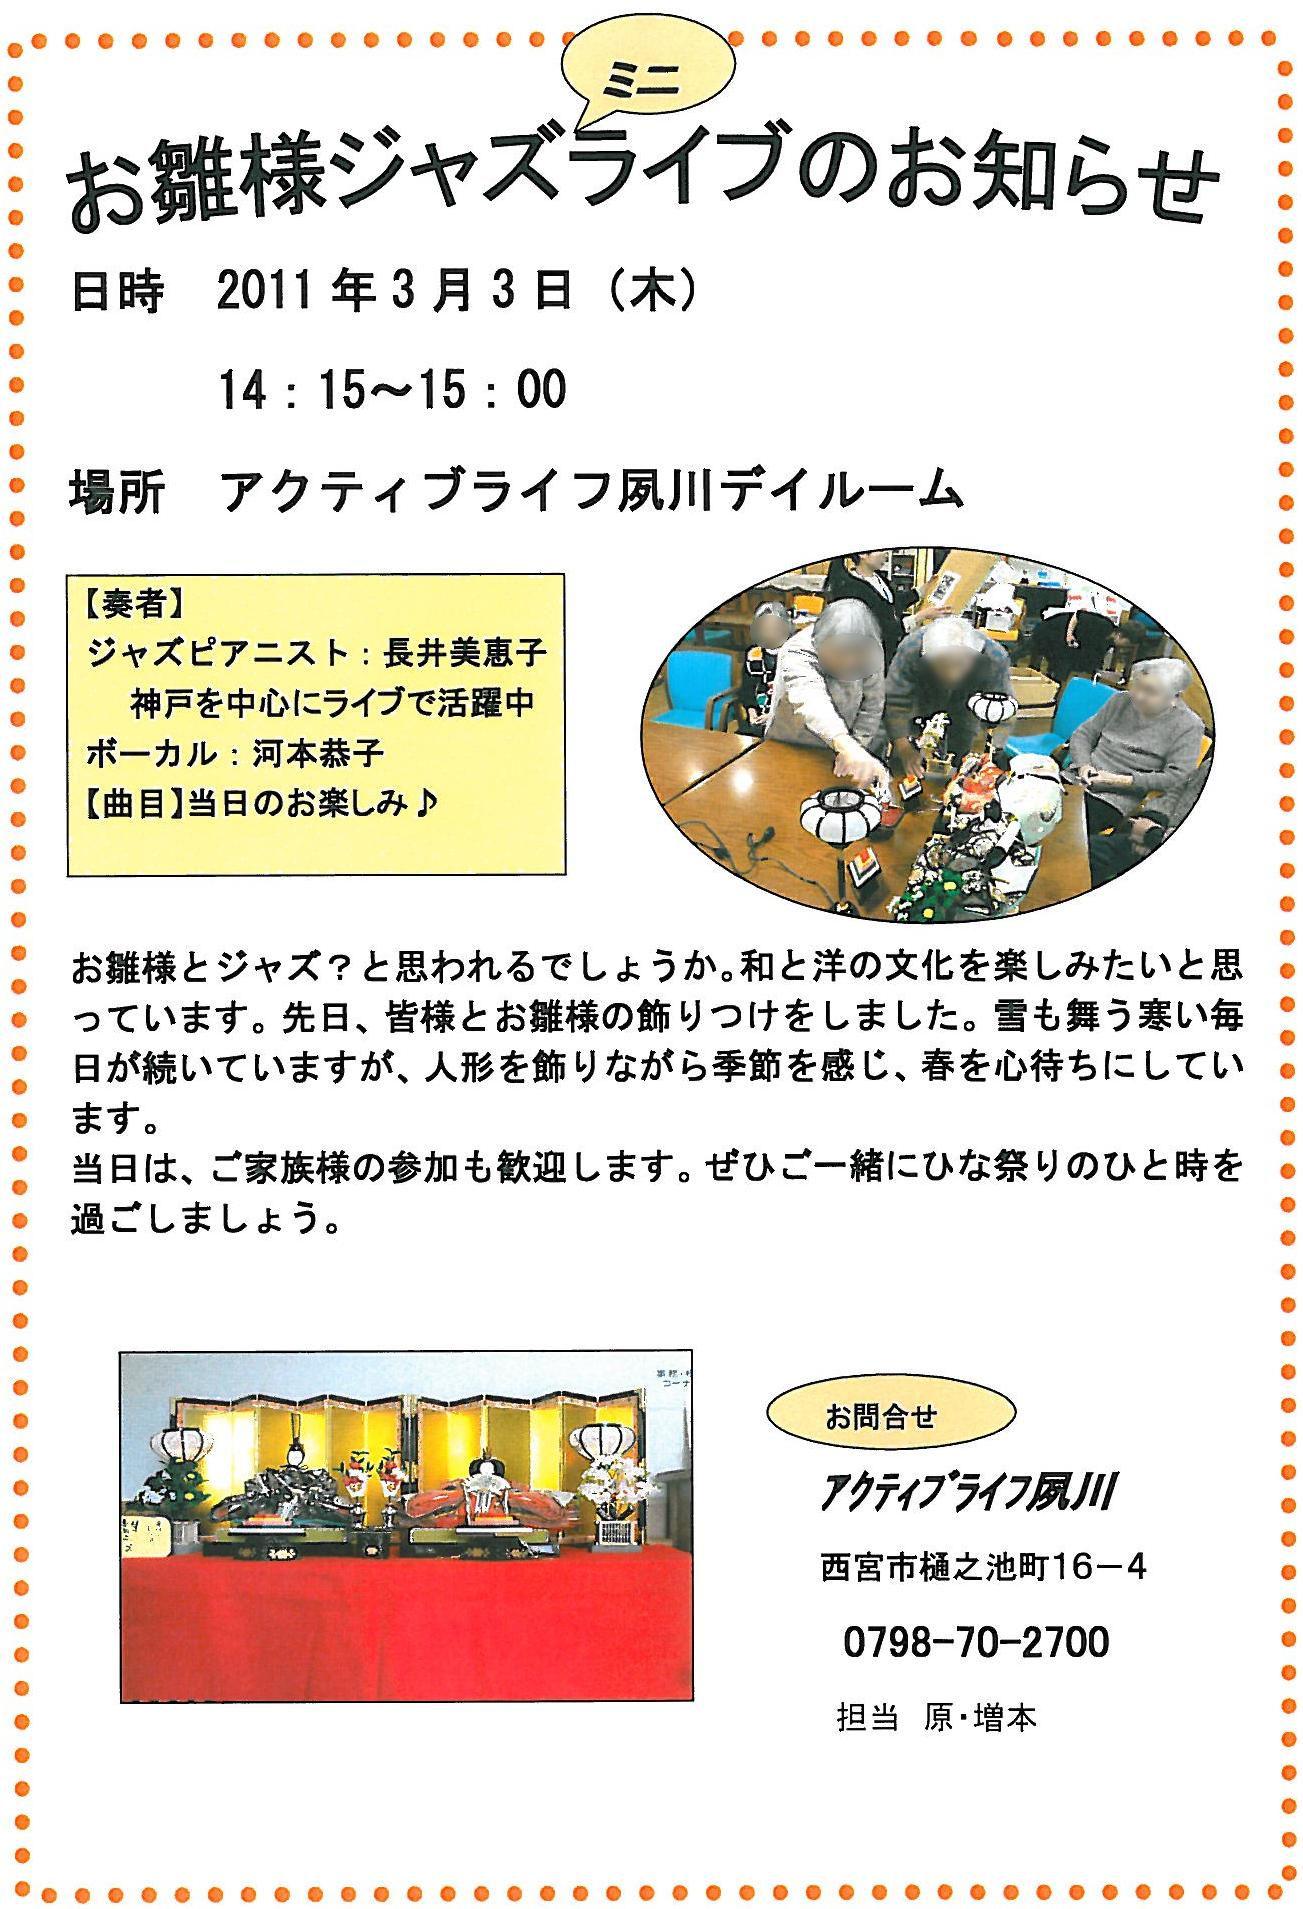 お雛様ジャズライブ開催します!<アクティブライフ夙川>_c0107602_15141586.jpg